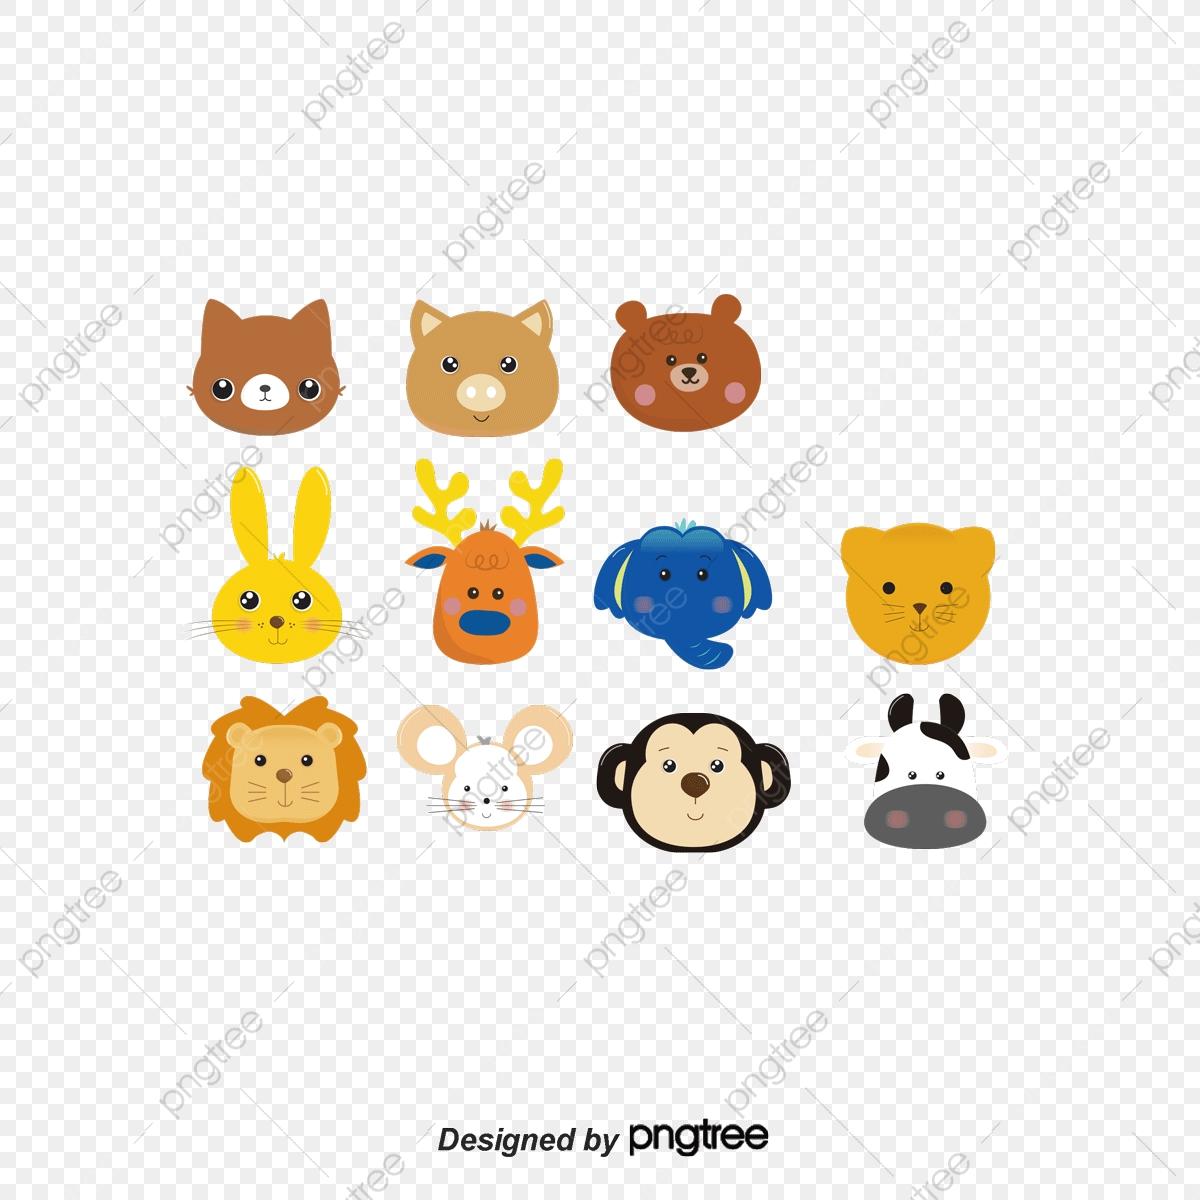 Cute Cartoon Painted Animal Heads, Cartoon Clipart, Animal Clipart.